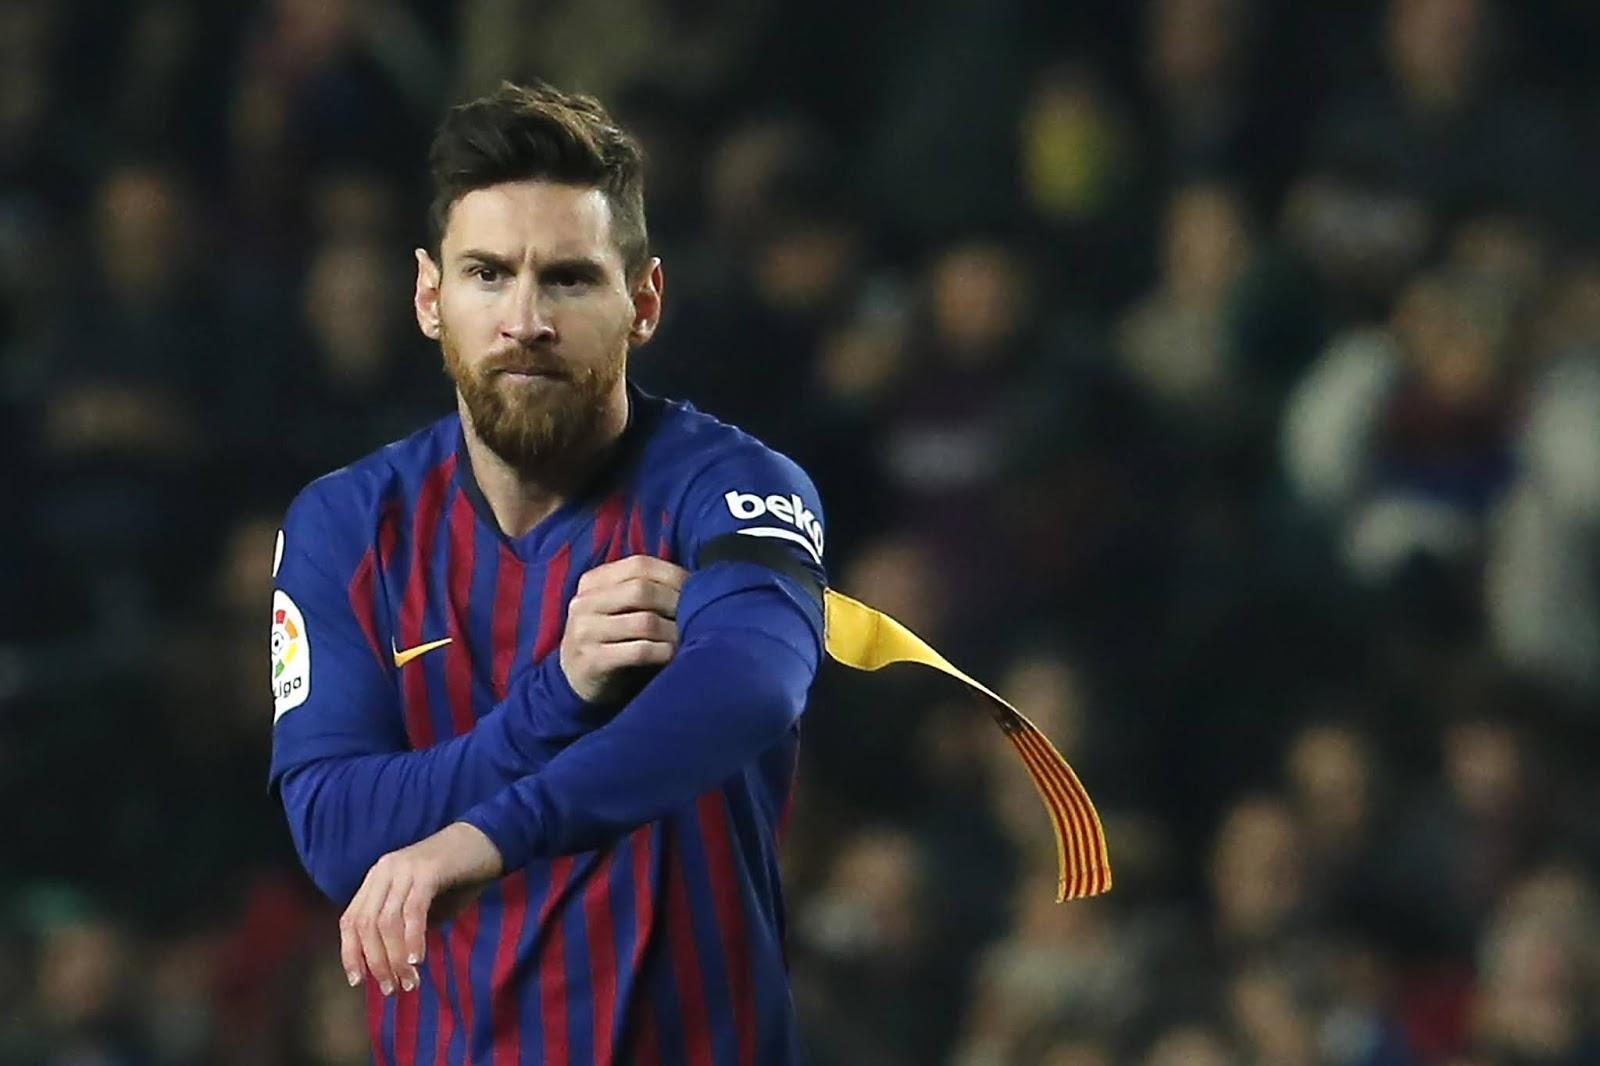 Argentine maestro Lionel Messi